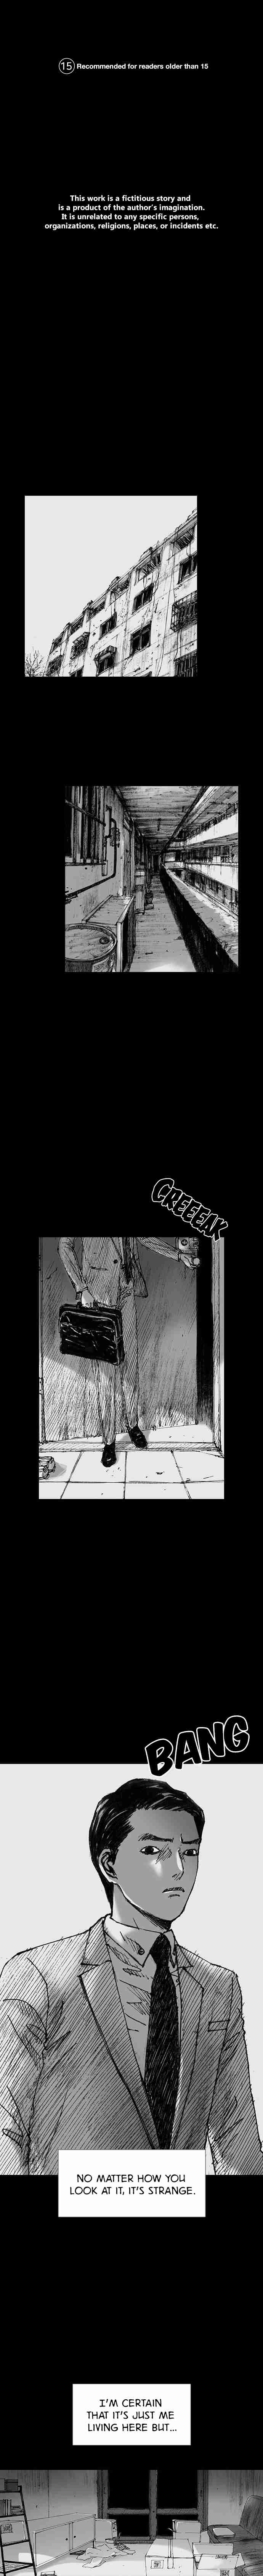 https://img2.nineanime.com/comics/pic2/17/29137/773383/33d5e37ba985809fd79c4ccfb50d273e.jpg Page 1